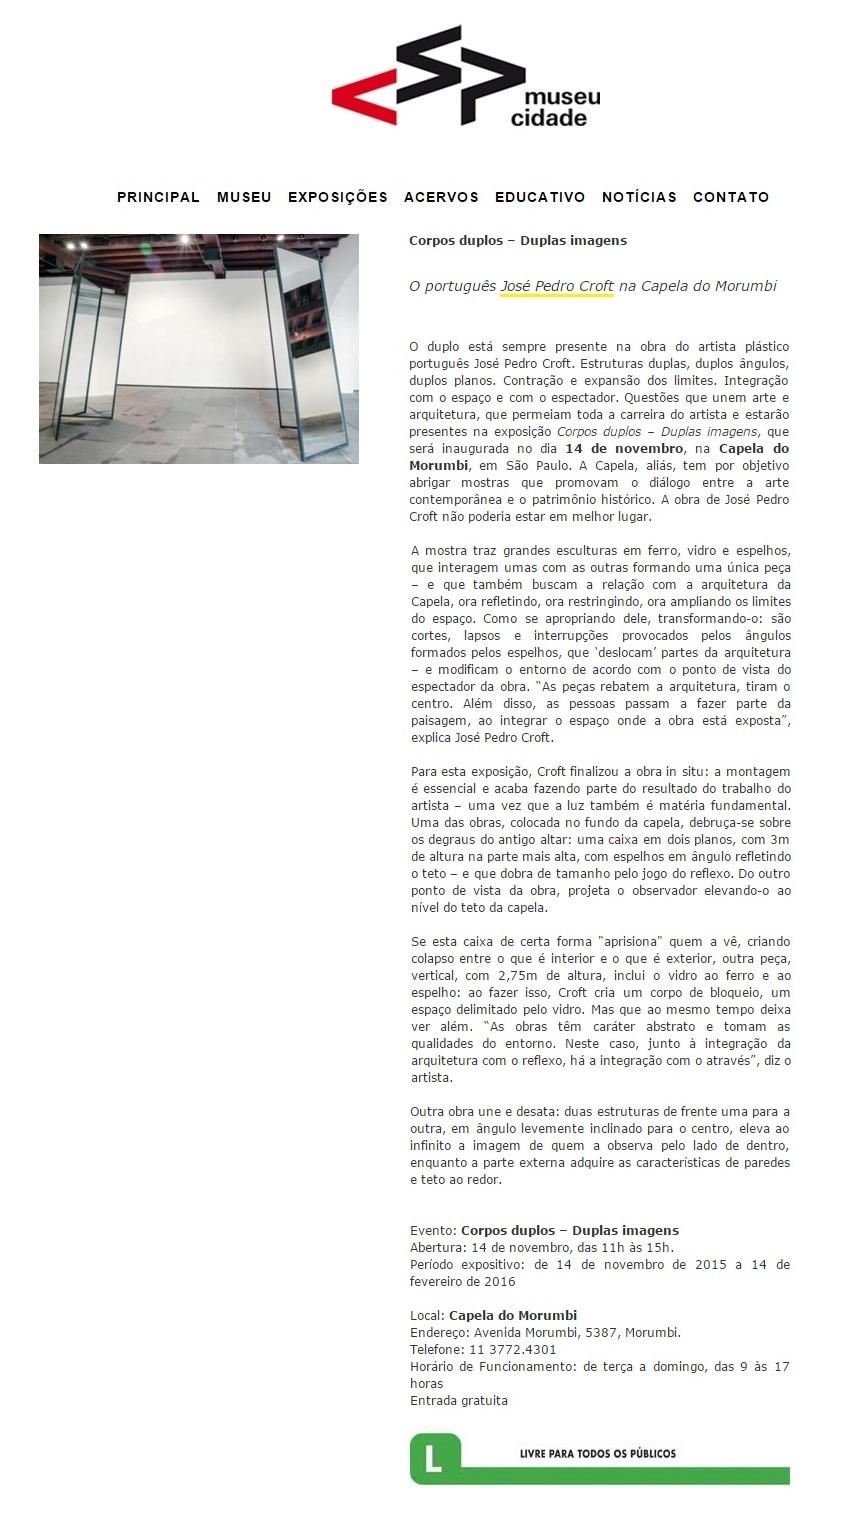 JOSÉ PEDRO CROFT NO SITE MUSEU DA CIDADE - SP 12-11.jpg